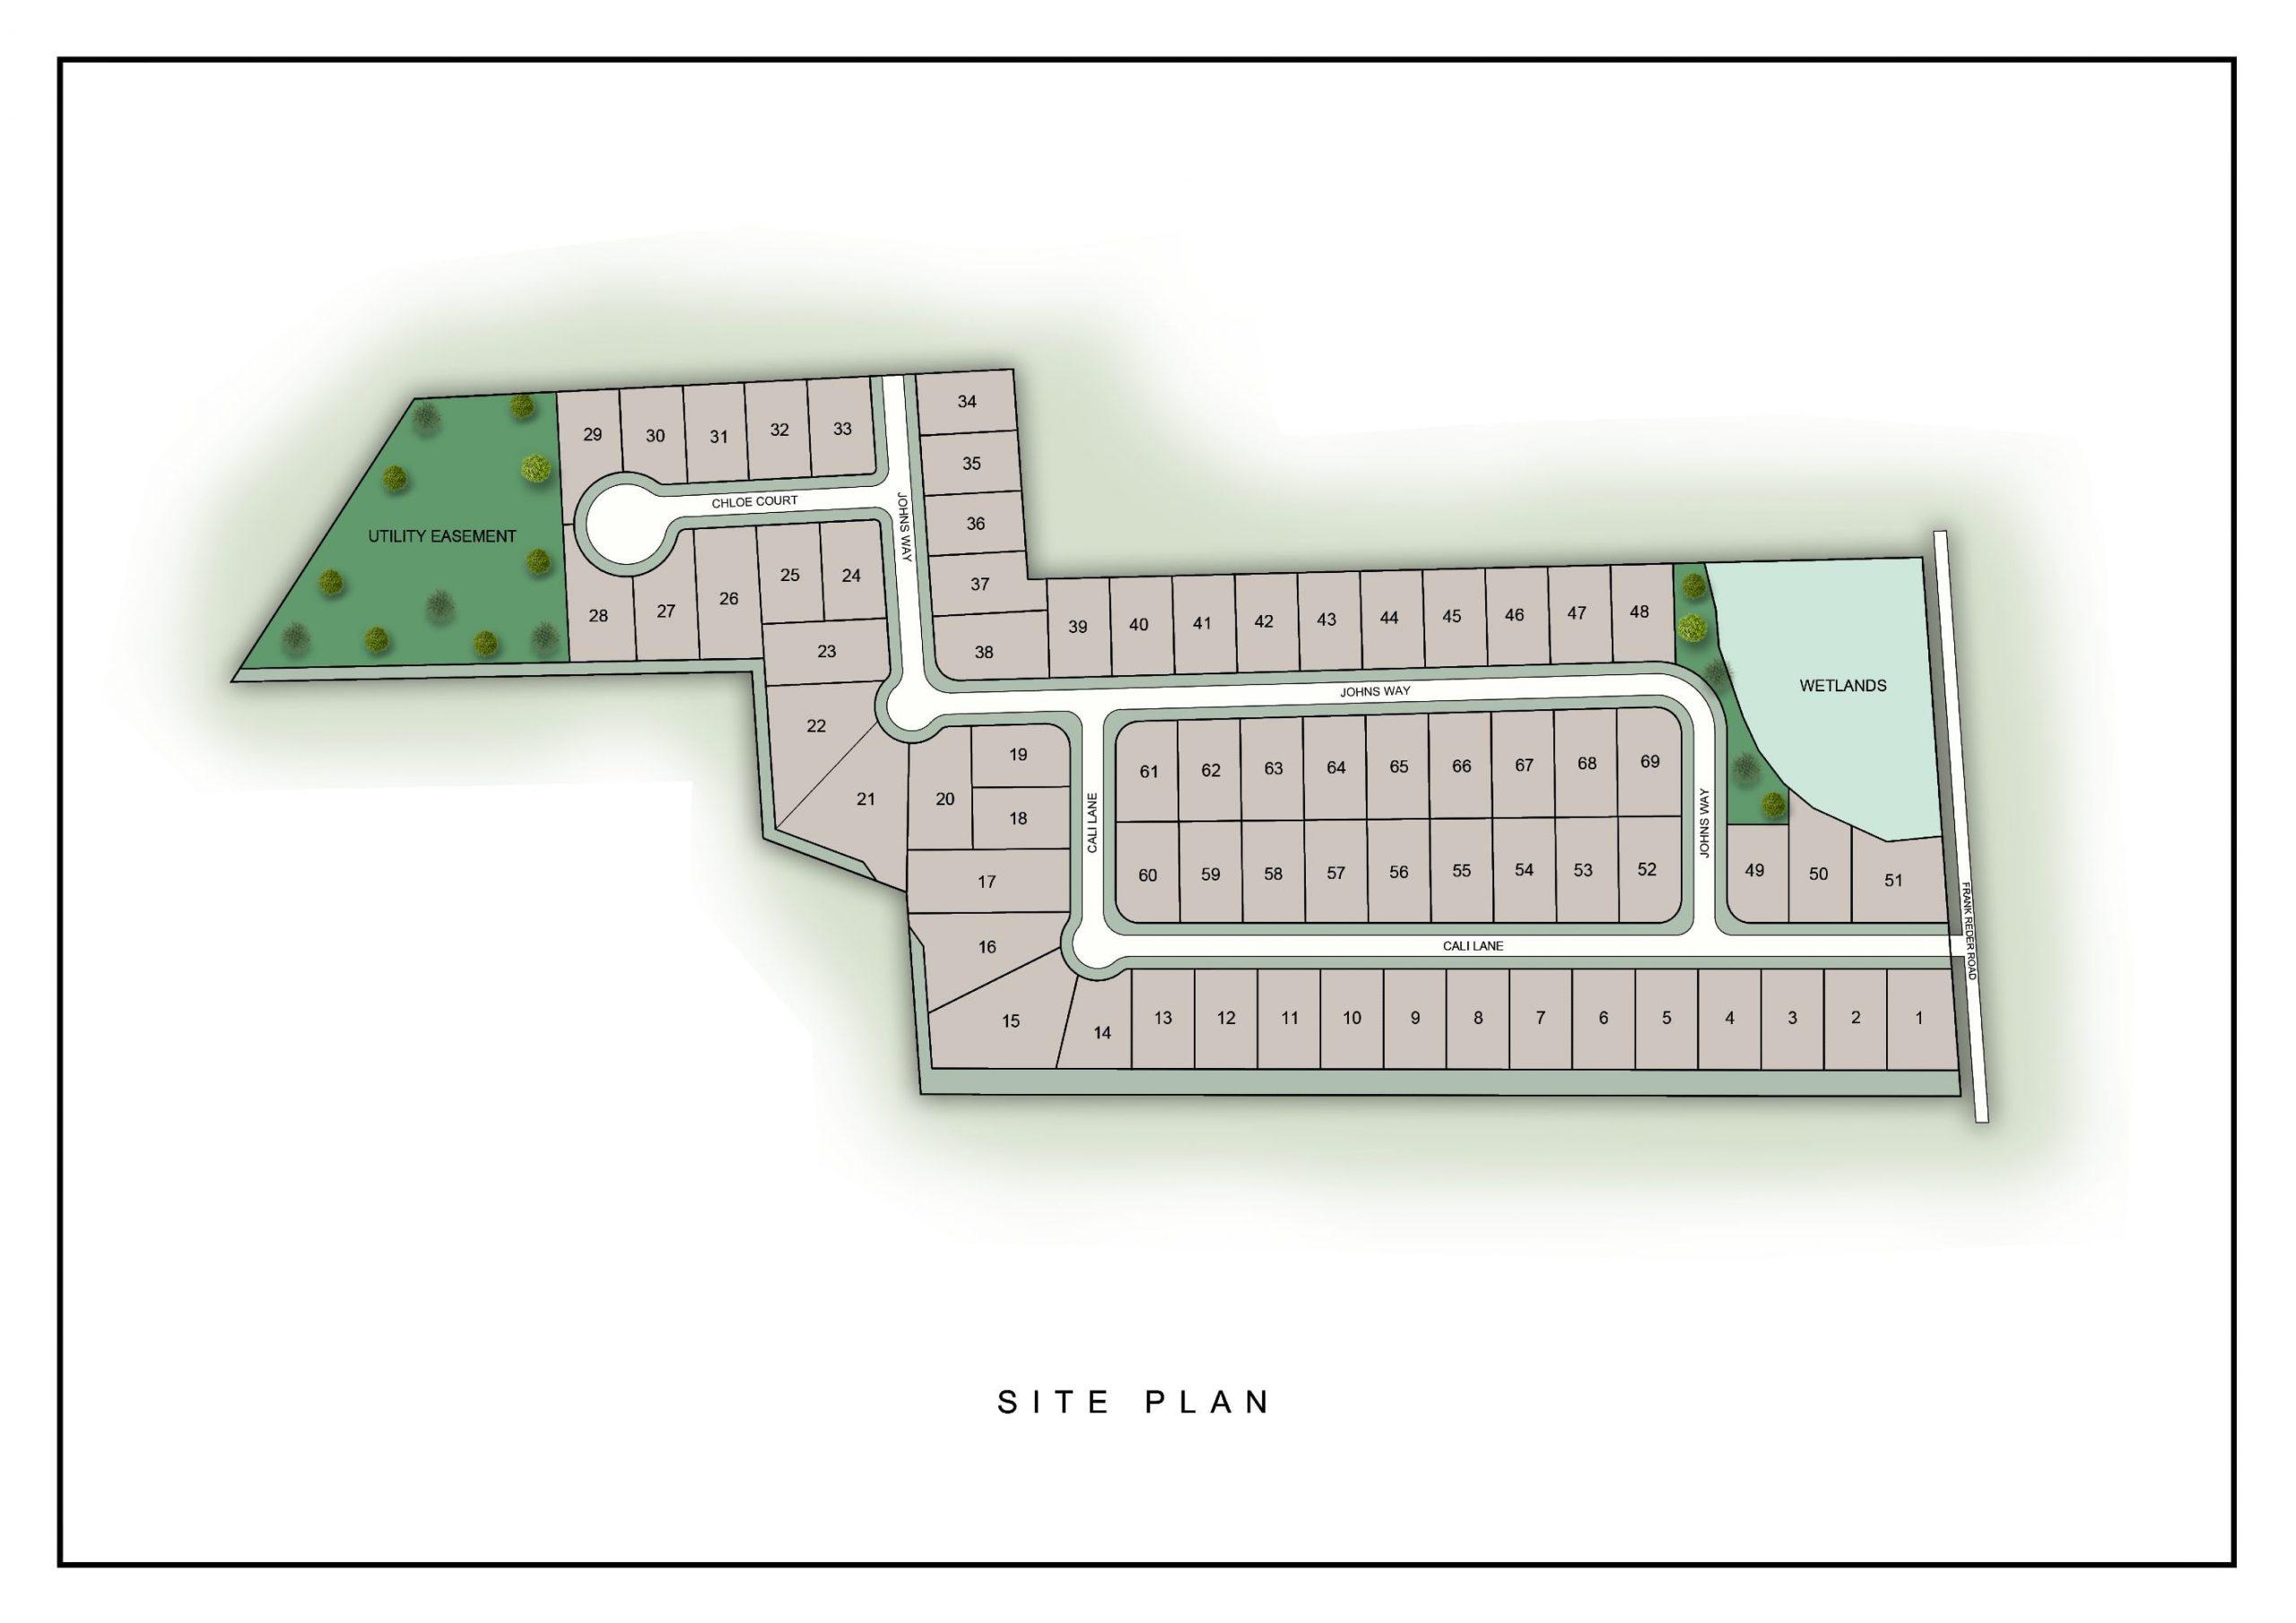 Rock Ridge site plan.